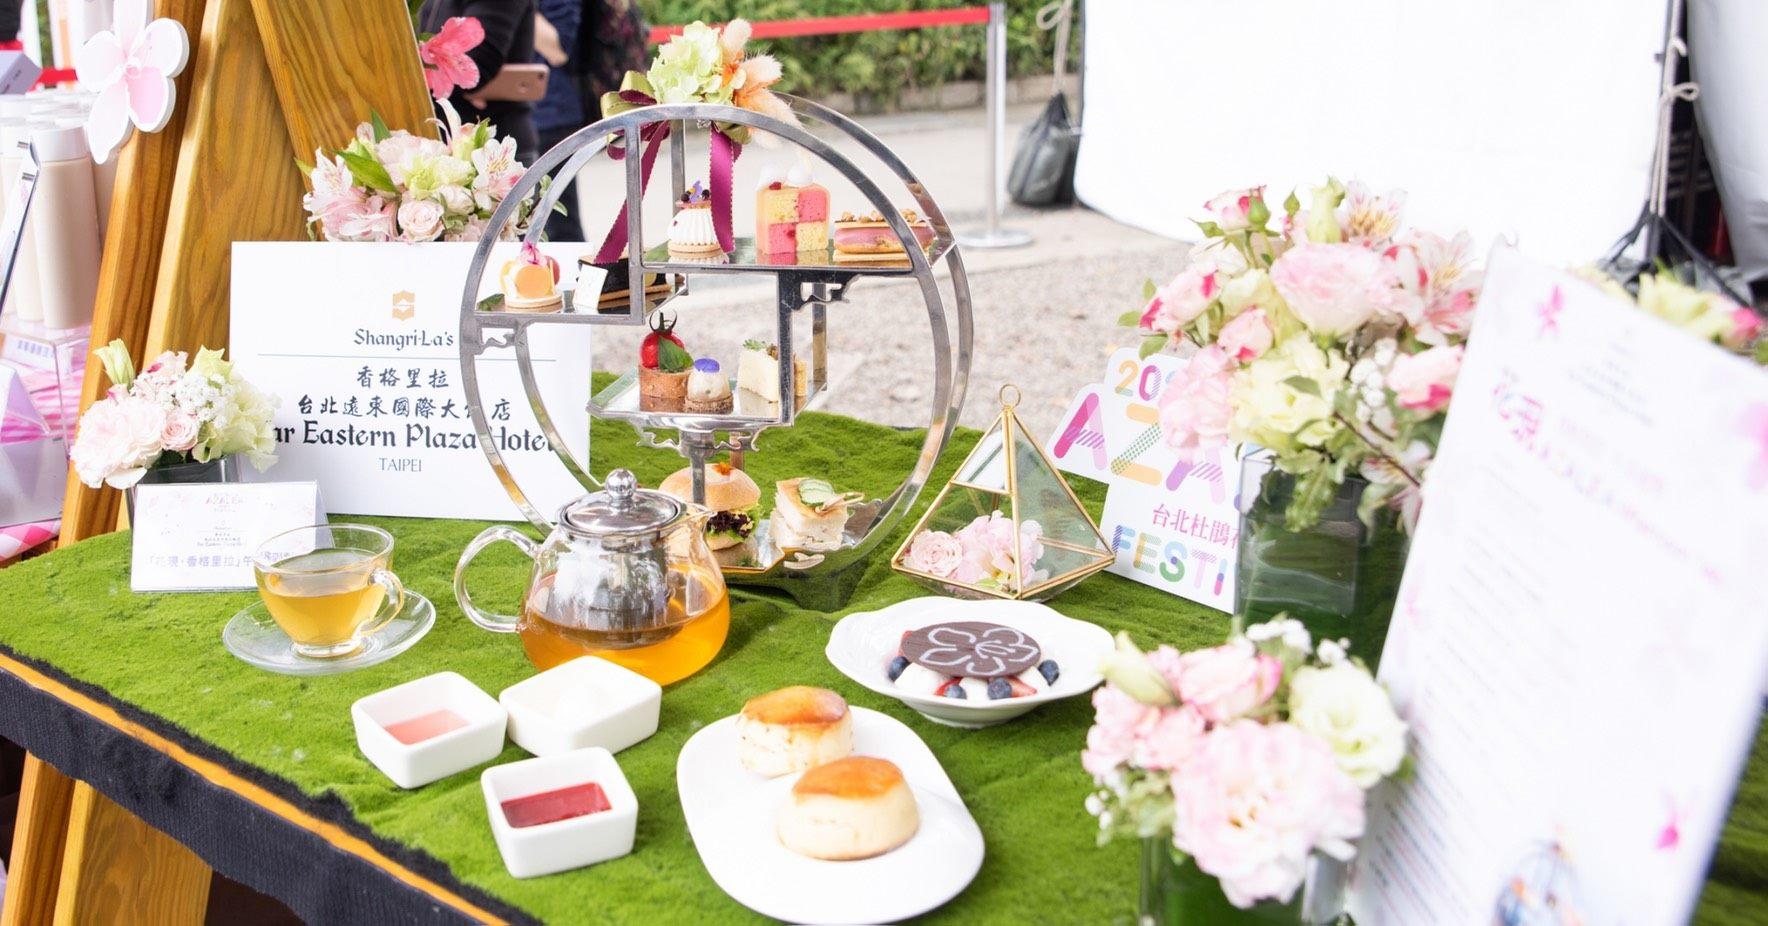 活動特約店家香格里拉台北遠東國際大飯店推出期間限定下午茶宴「花現˙香格里拉」。